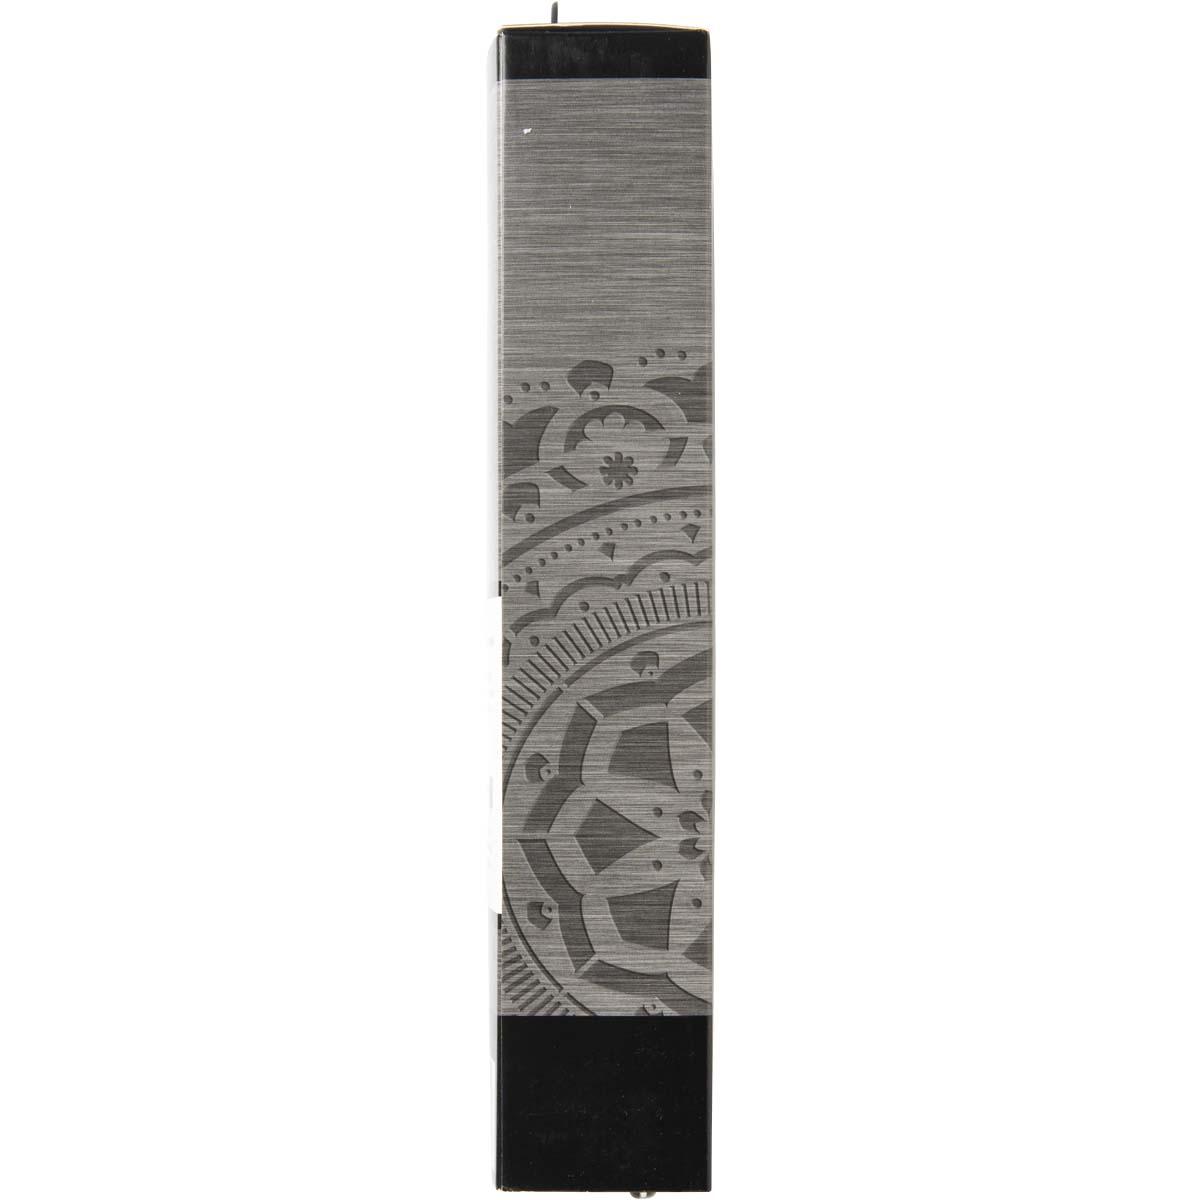 Plaid ® Engraver Tool, 10 pc. - 34670E